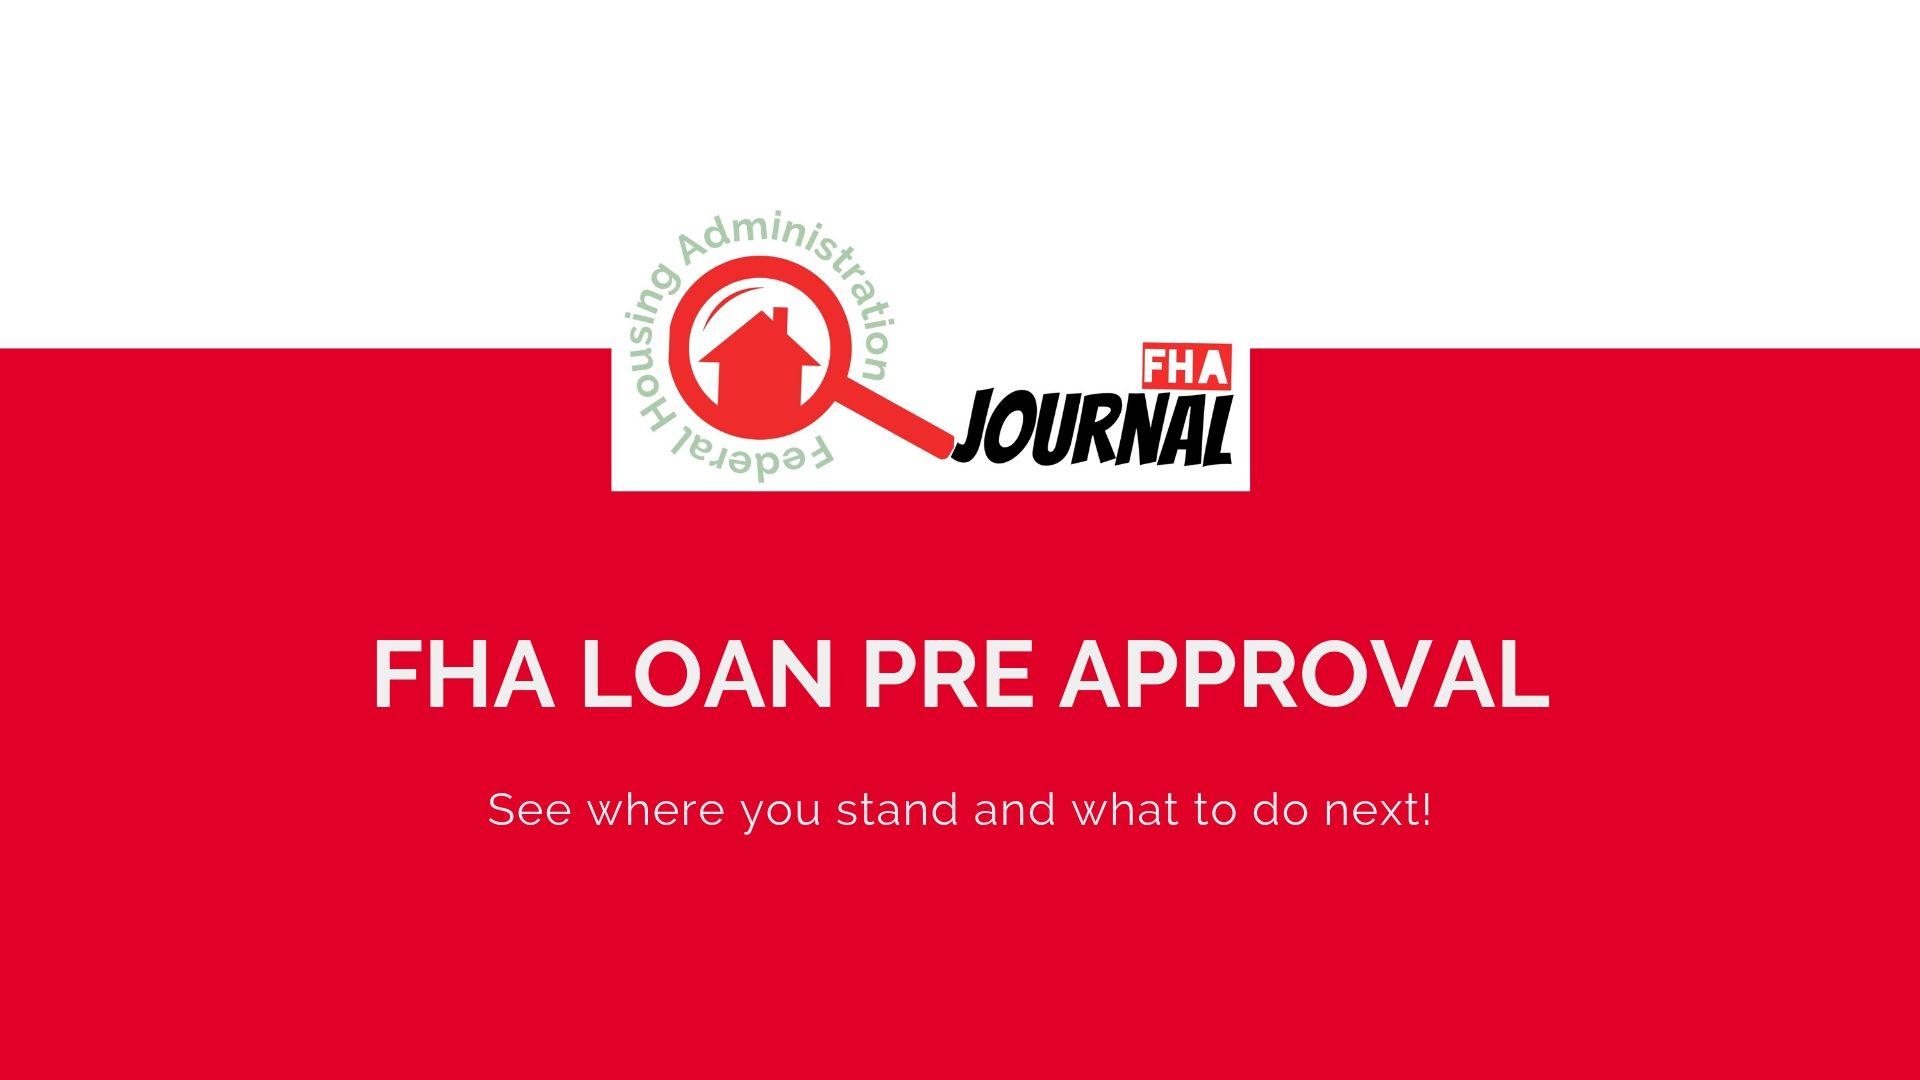 FHA Loan Pre Approval